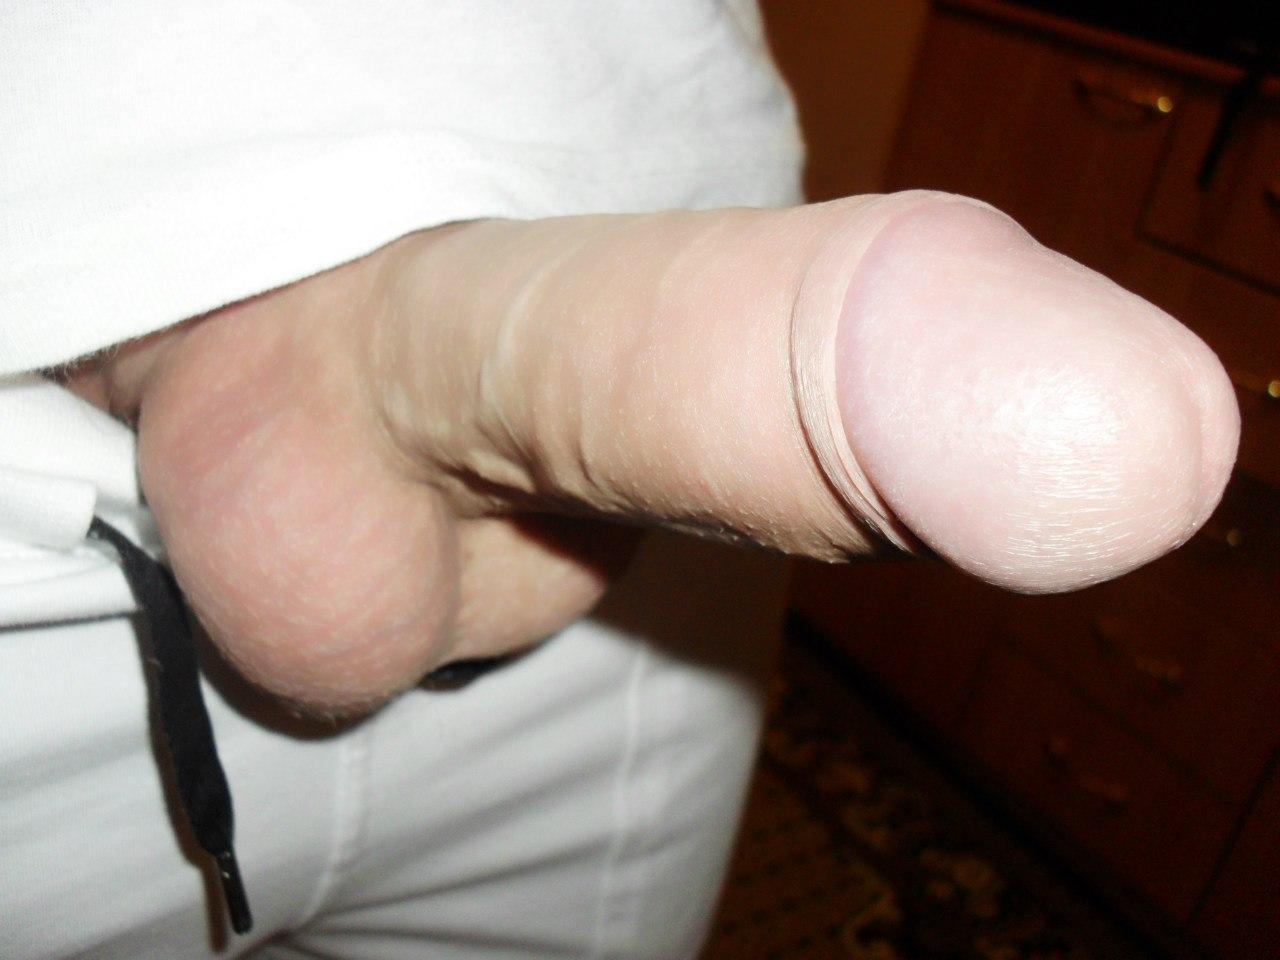 фото член пенис хер хуй пися